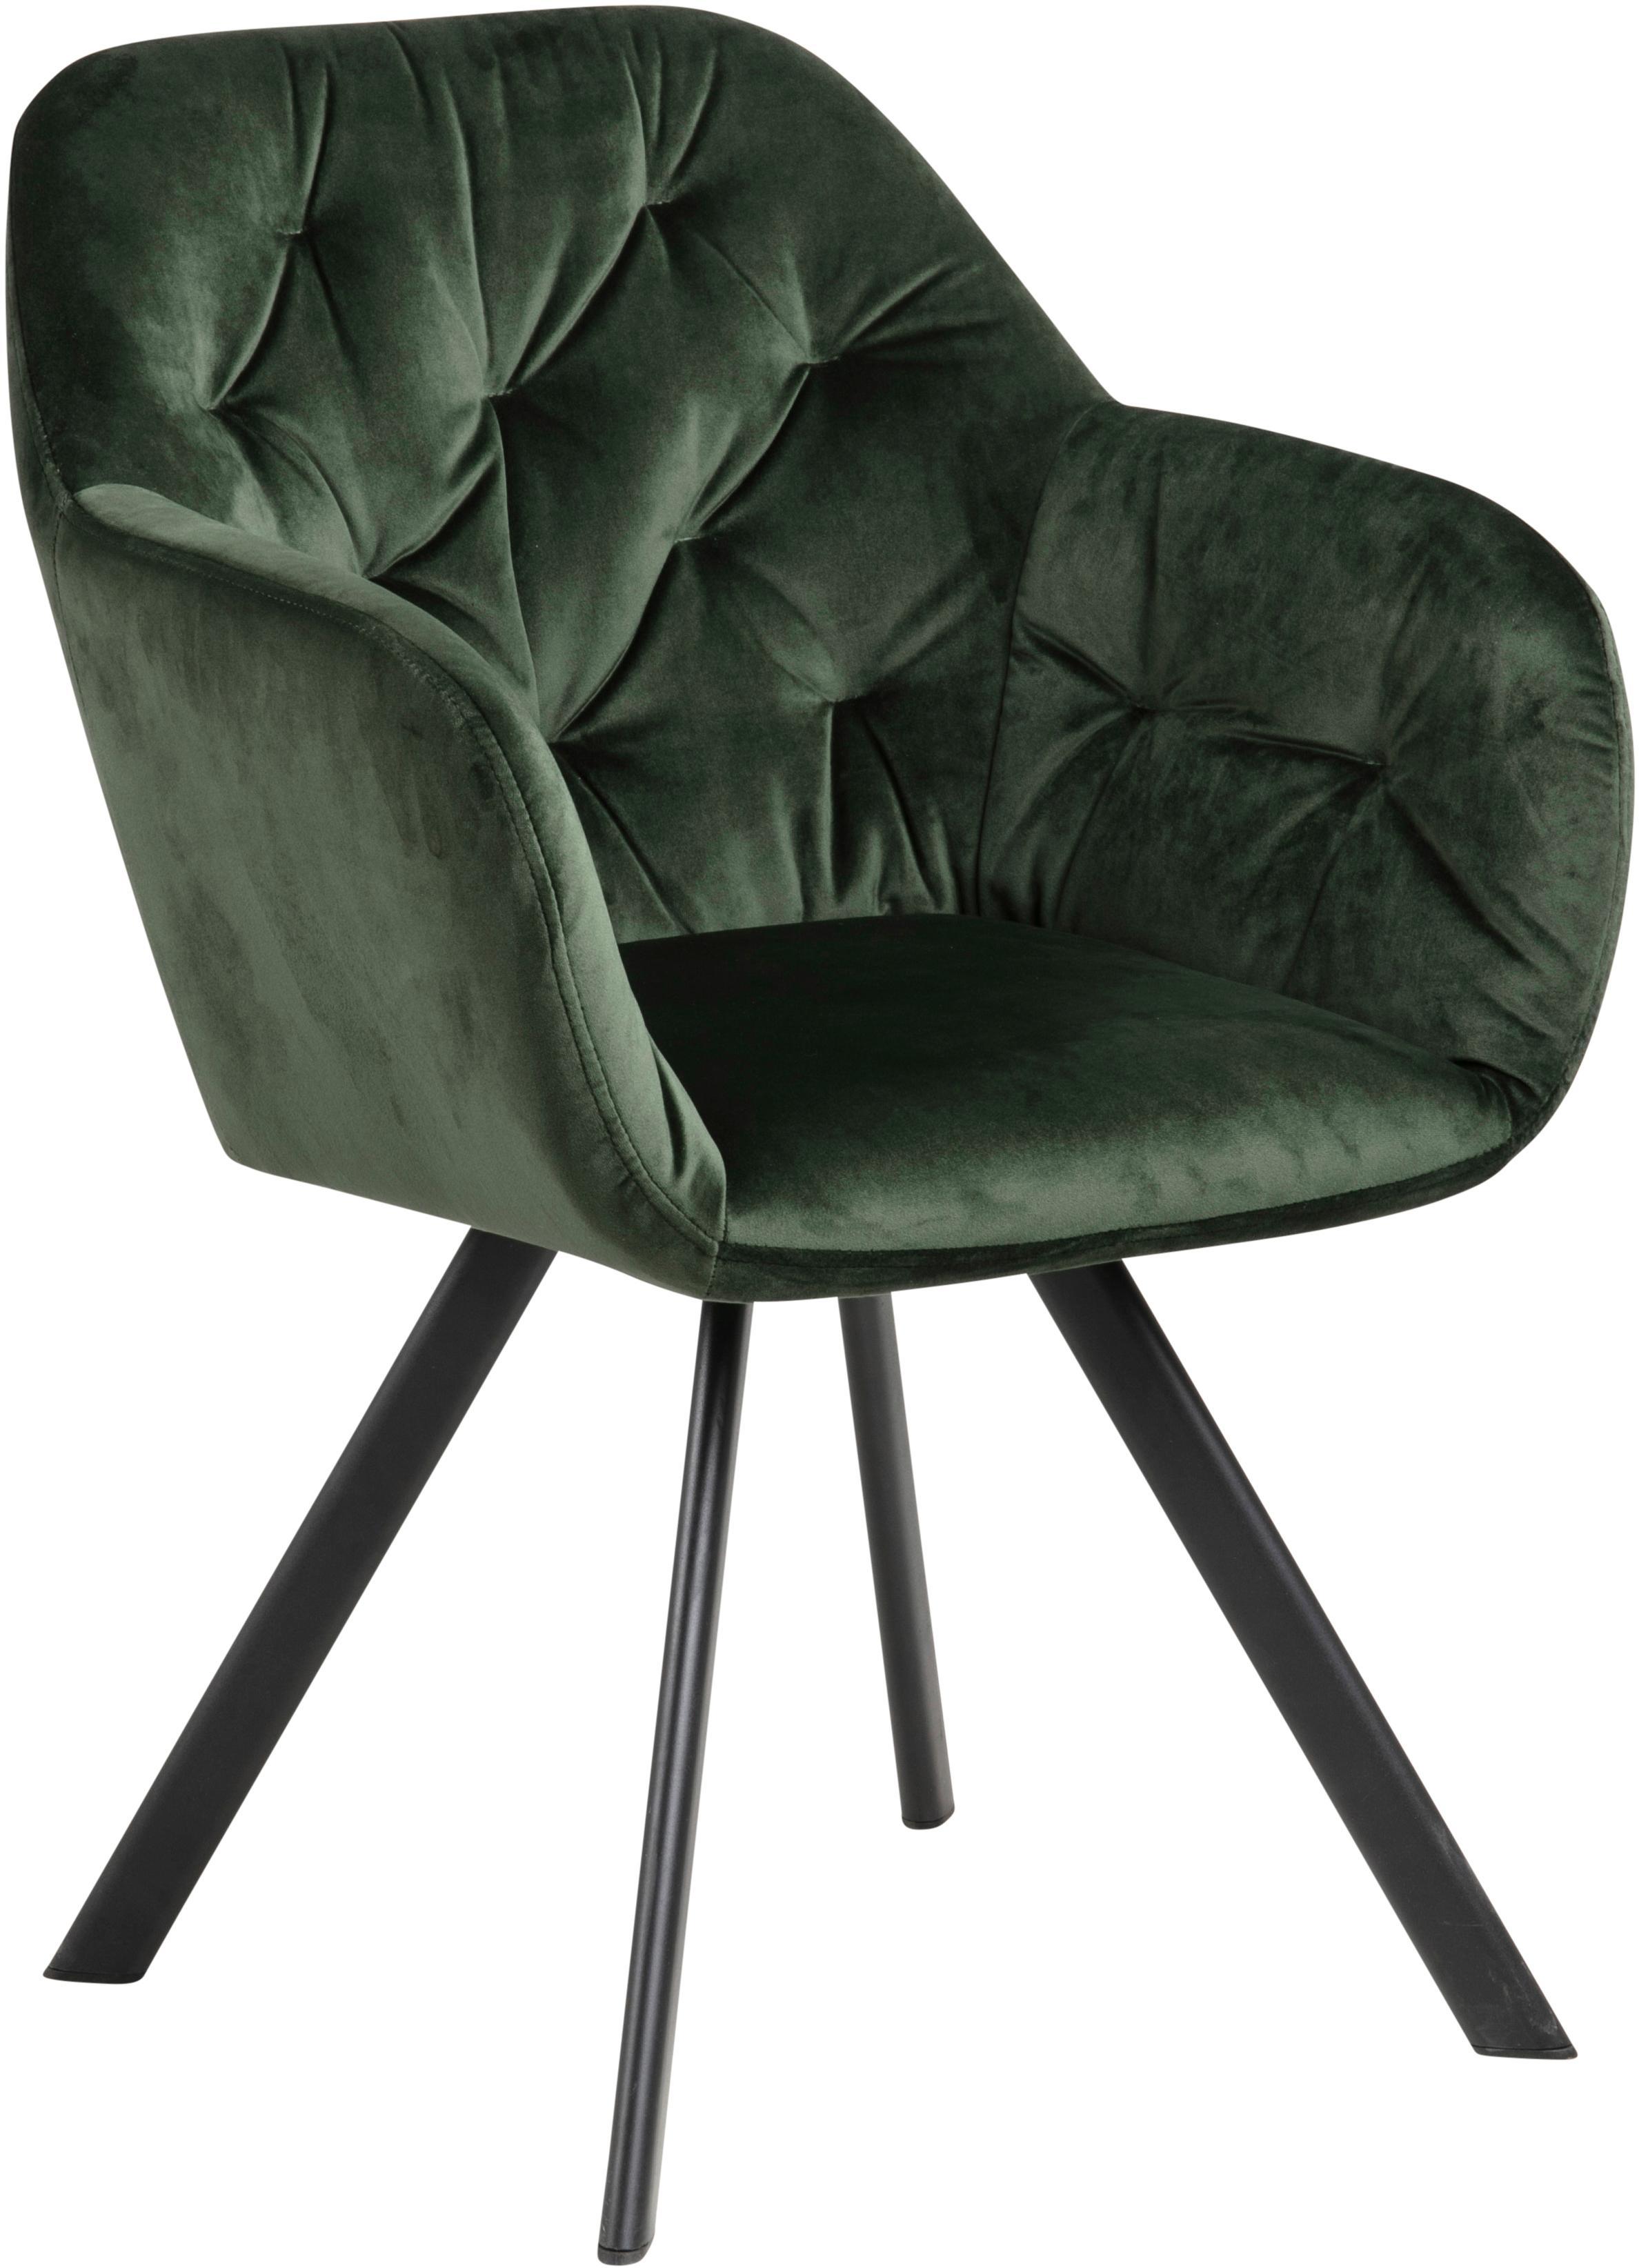 Krzesło z aksamitu z podłokietnikami Lucie, Aksamit poliestrowy, metal, Zielony, czarny, S 58 x G 62 cm